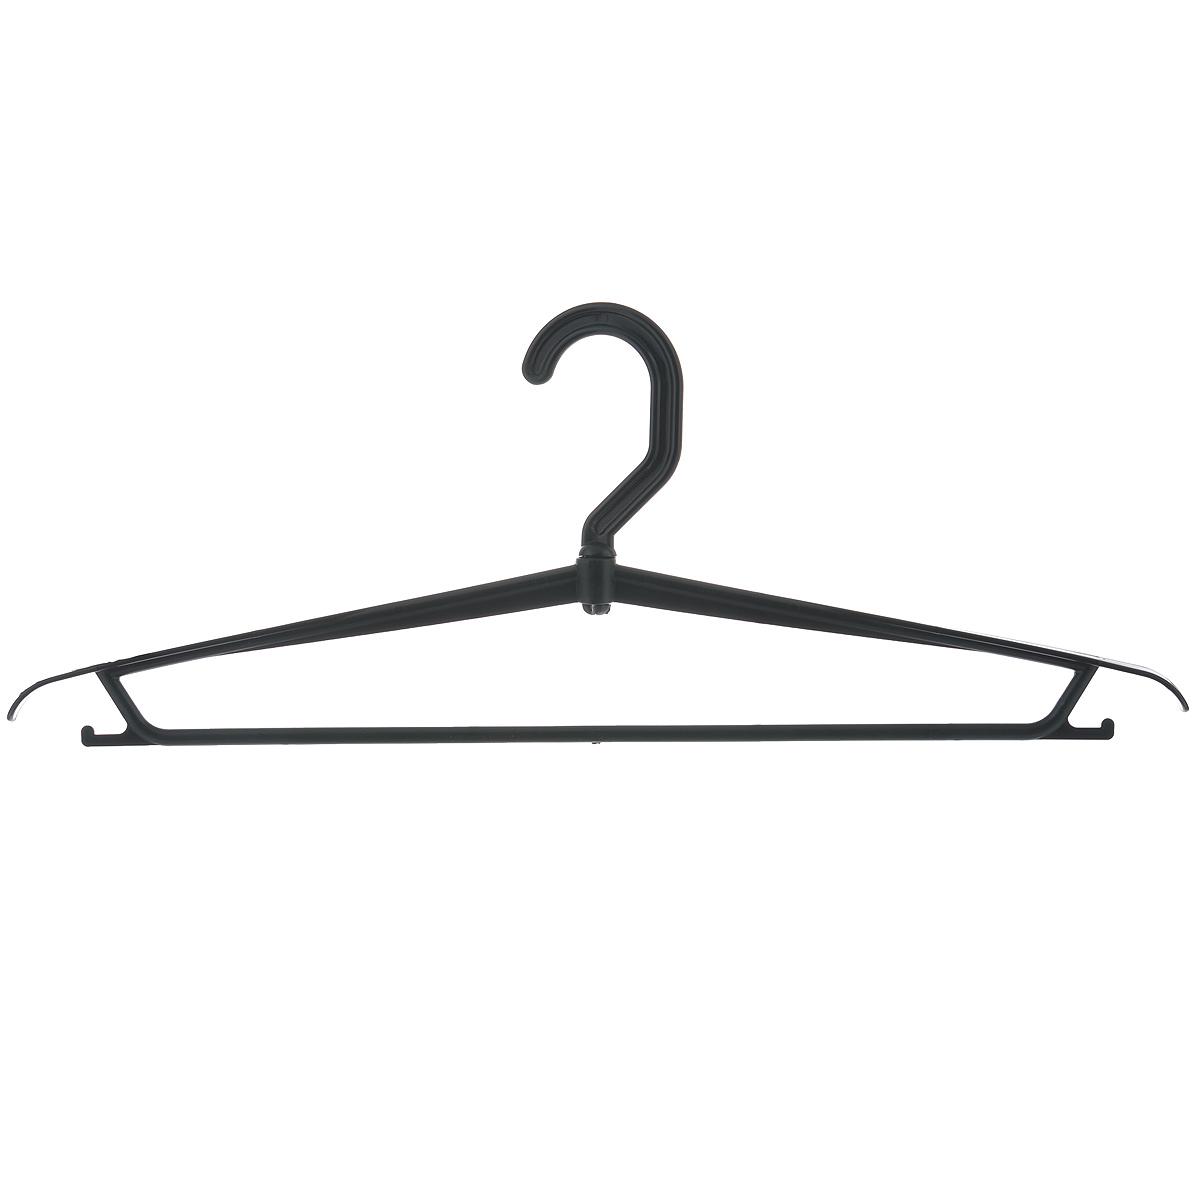 Вешалка для одежды М-пластика, цвет: черныйМ 2207Вешалка М-пластика выполнена из прочного пластика. Изделие оснащено перекладиной и боковыми крючками. Вешалка - это незаменимая вещь для того, чтобы ваша одежда всегда оставалась в хорошем состоянии.